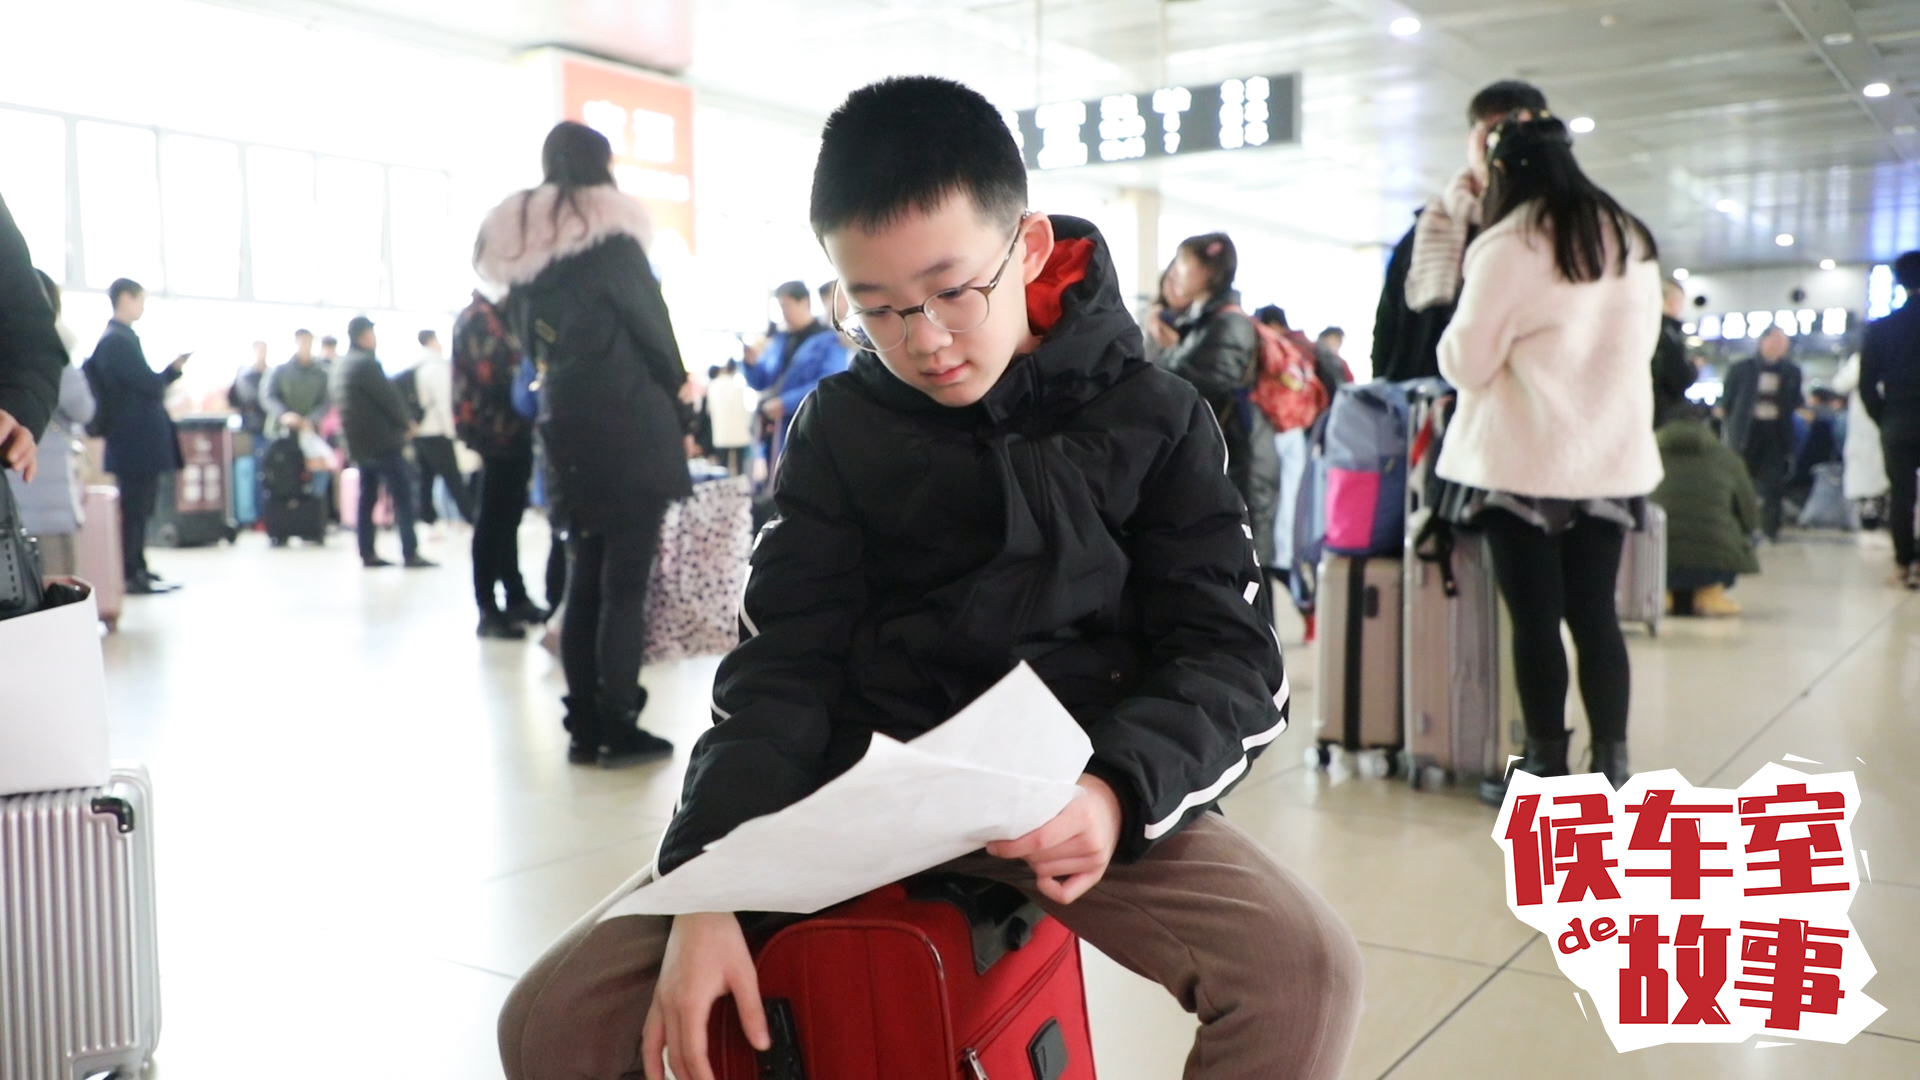 【新春走基层】小学生火车站候车背《劝学》:可以锻炼注意力 | 候车室的故事⑨